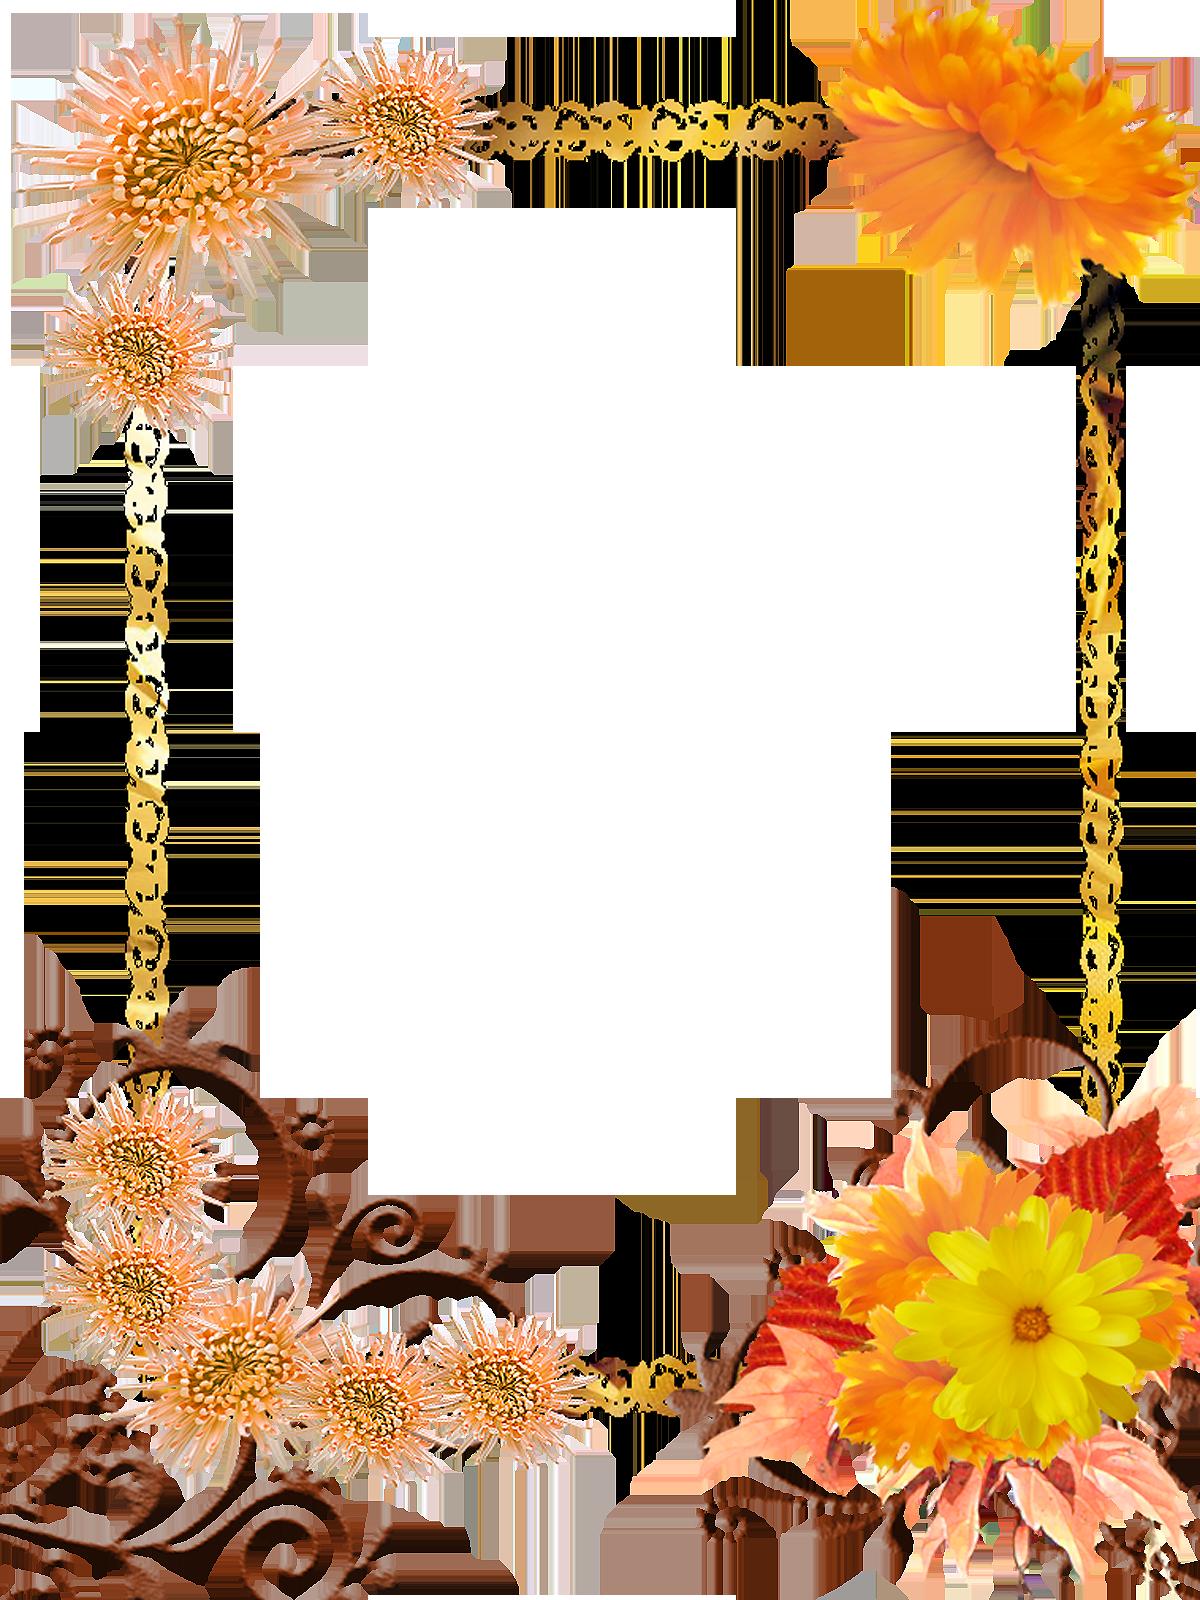 marcos de flores para fotografias editables